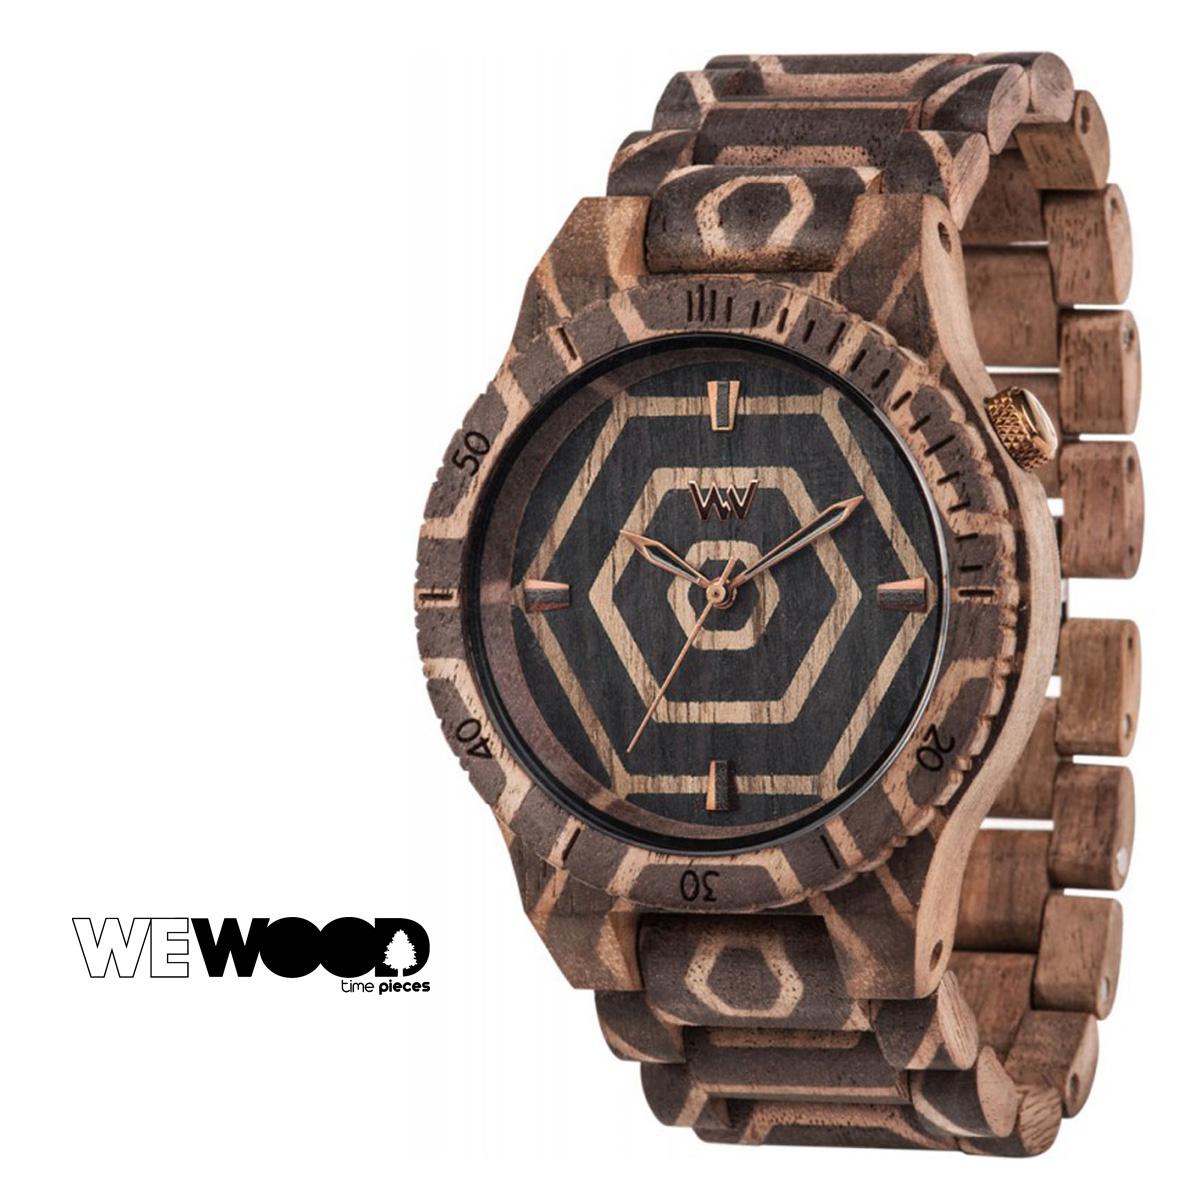 ウィーウッド WEWOOD 腕時計 ALPHA BEHIVE NUT メンズ レディース